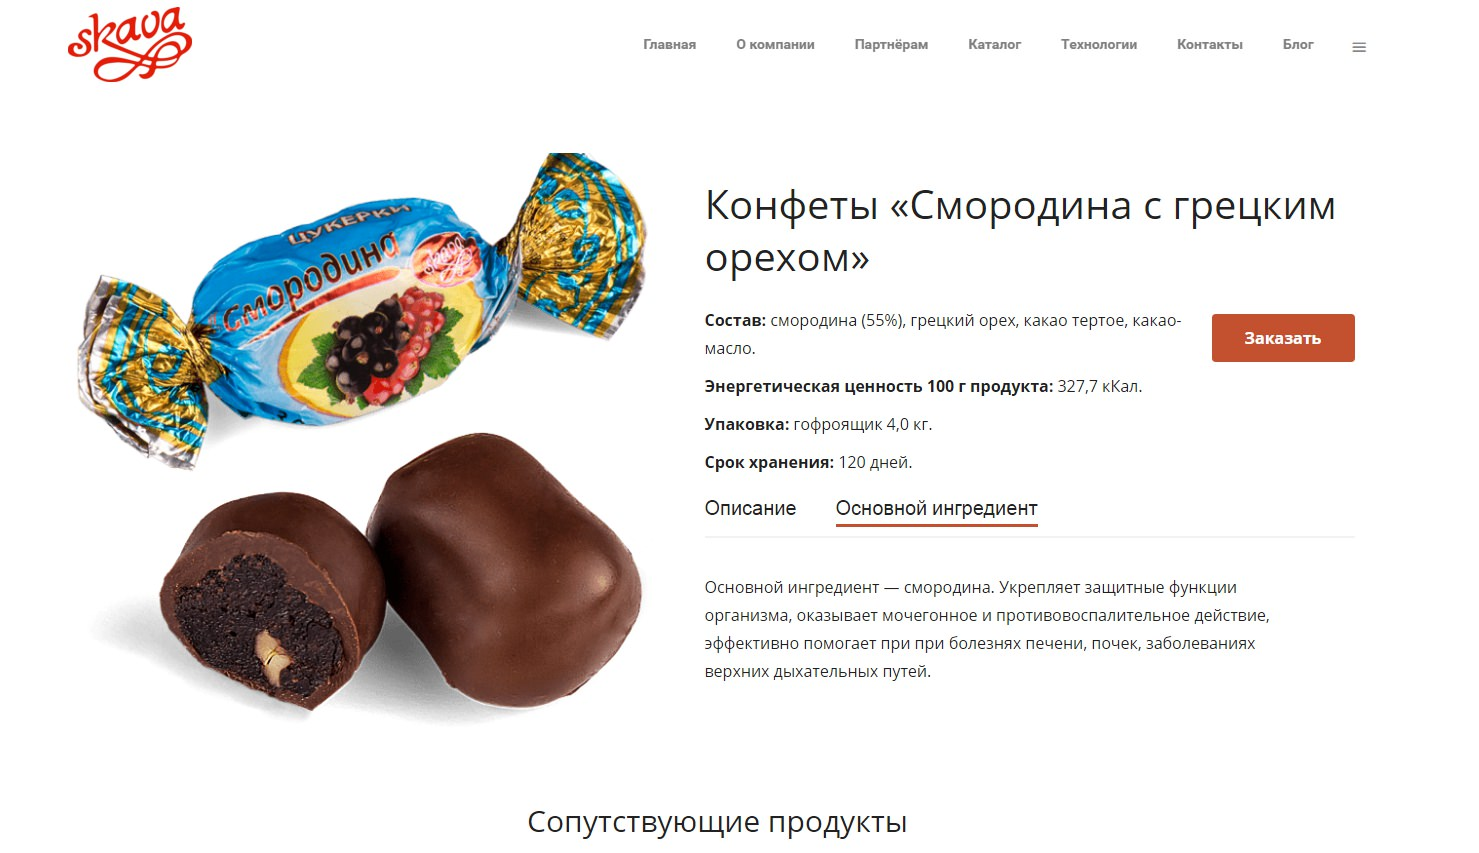 dobavlyaem-k-tovaru-novyj-tab-osnovnoj-ingredient